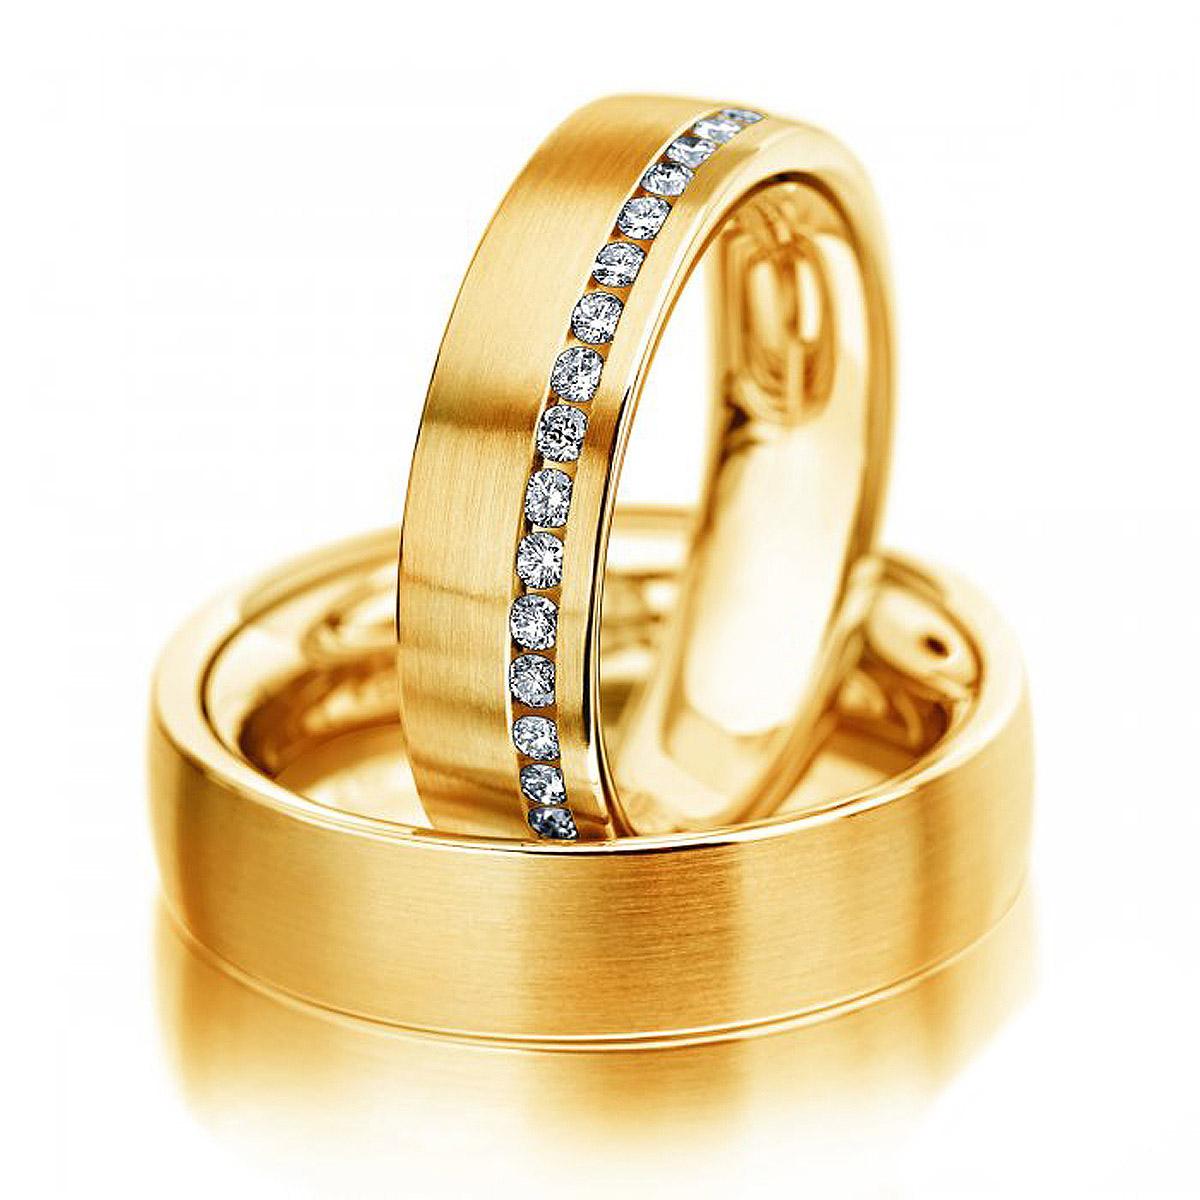 Aliança de Noivado e Casamento Curitiba Ouro 18k